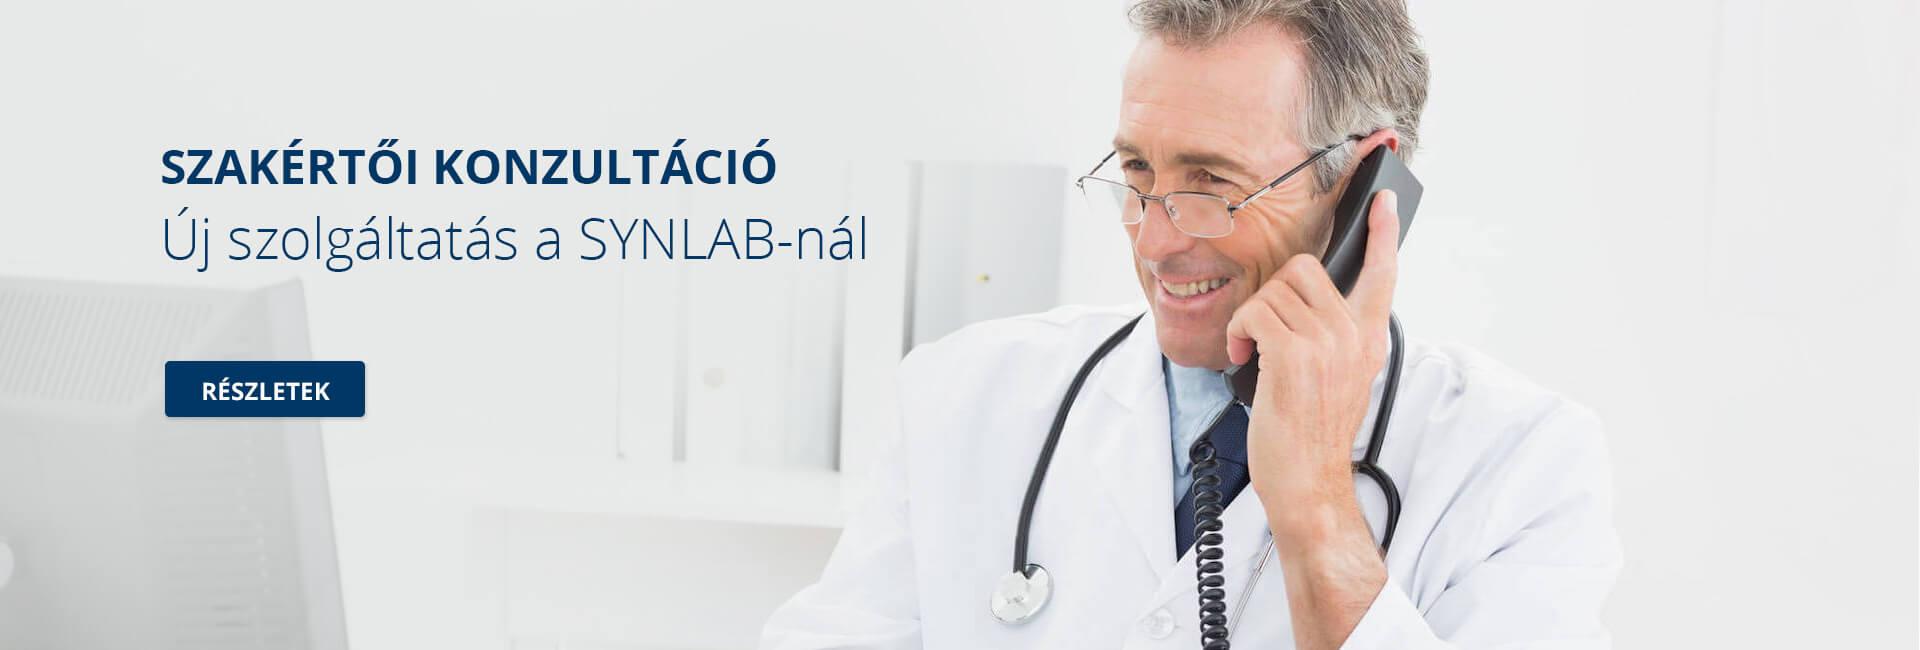 vizelet tenyésztés synlab Prostatitis és következmények